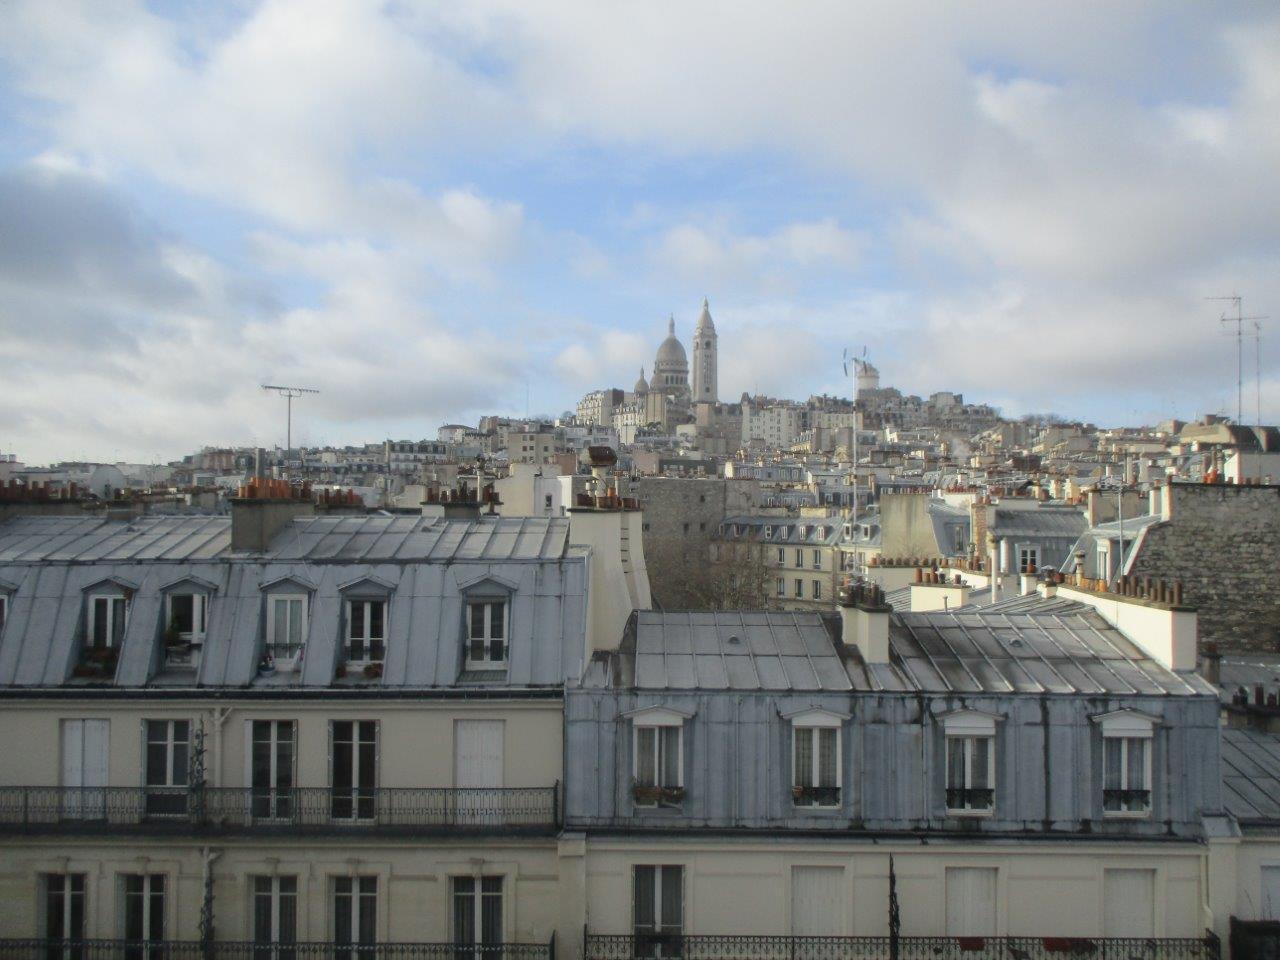 PARIS 18EME - MAIRIE DU 18EME / RUE ORDENER - EXCEPTIONNEL APPARTEMENT FAMILIAL AVEC TERRASSE VUE SACRÉ-COEUR